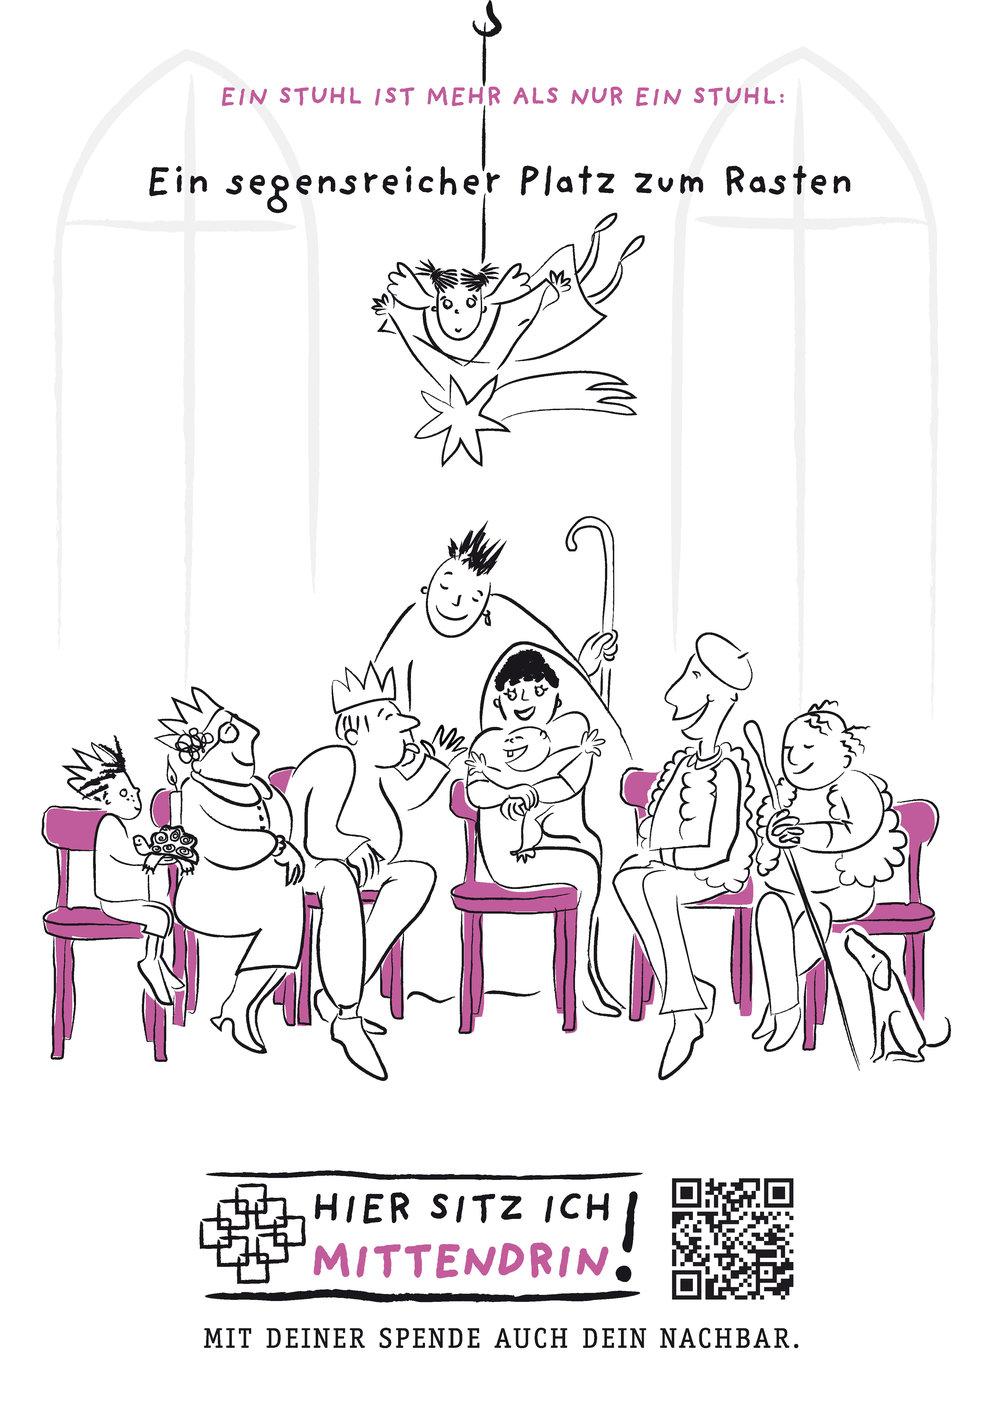 Das aktuelle Plakat der Kampagne - alle zwei Monate erzählt ein neues Motiv die Geschichte vom lila Stuhl. - Gestaltung alle Poster: Dagmar Brunk, Brunk-Design